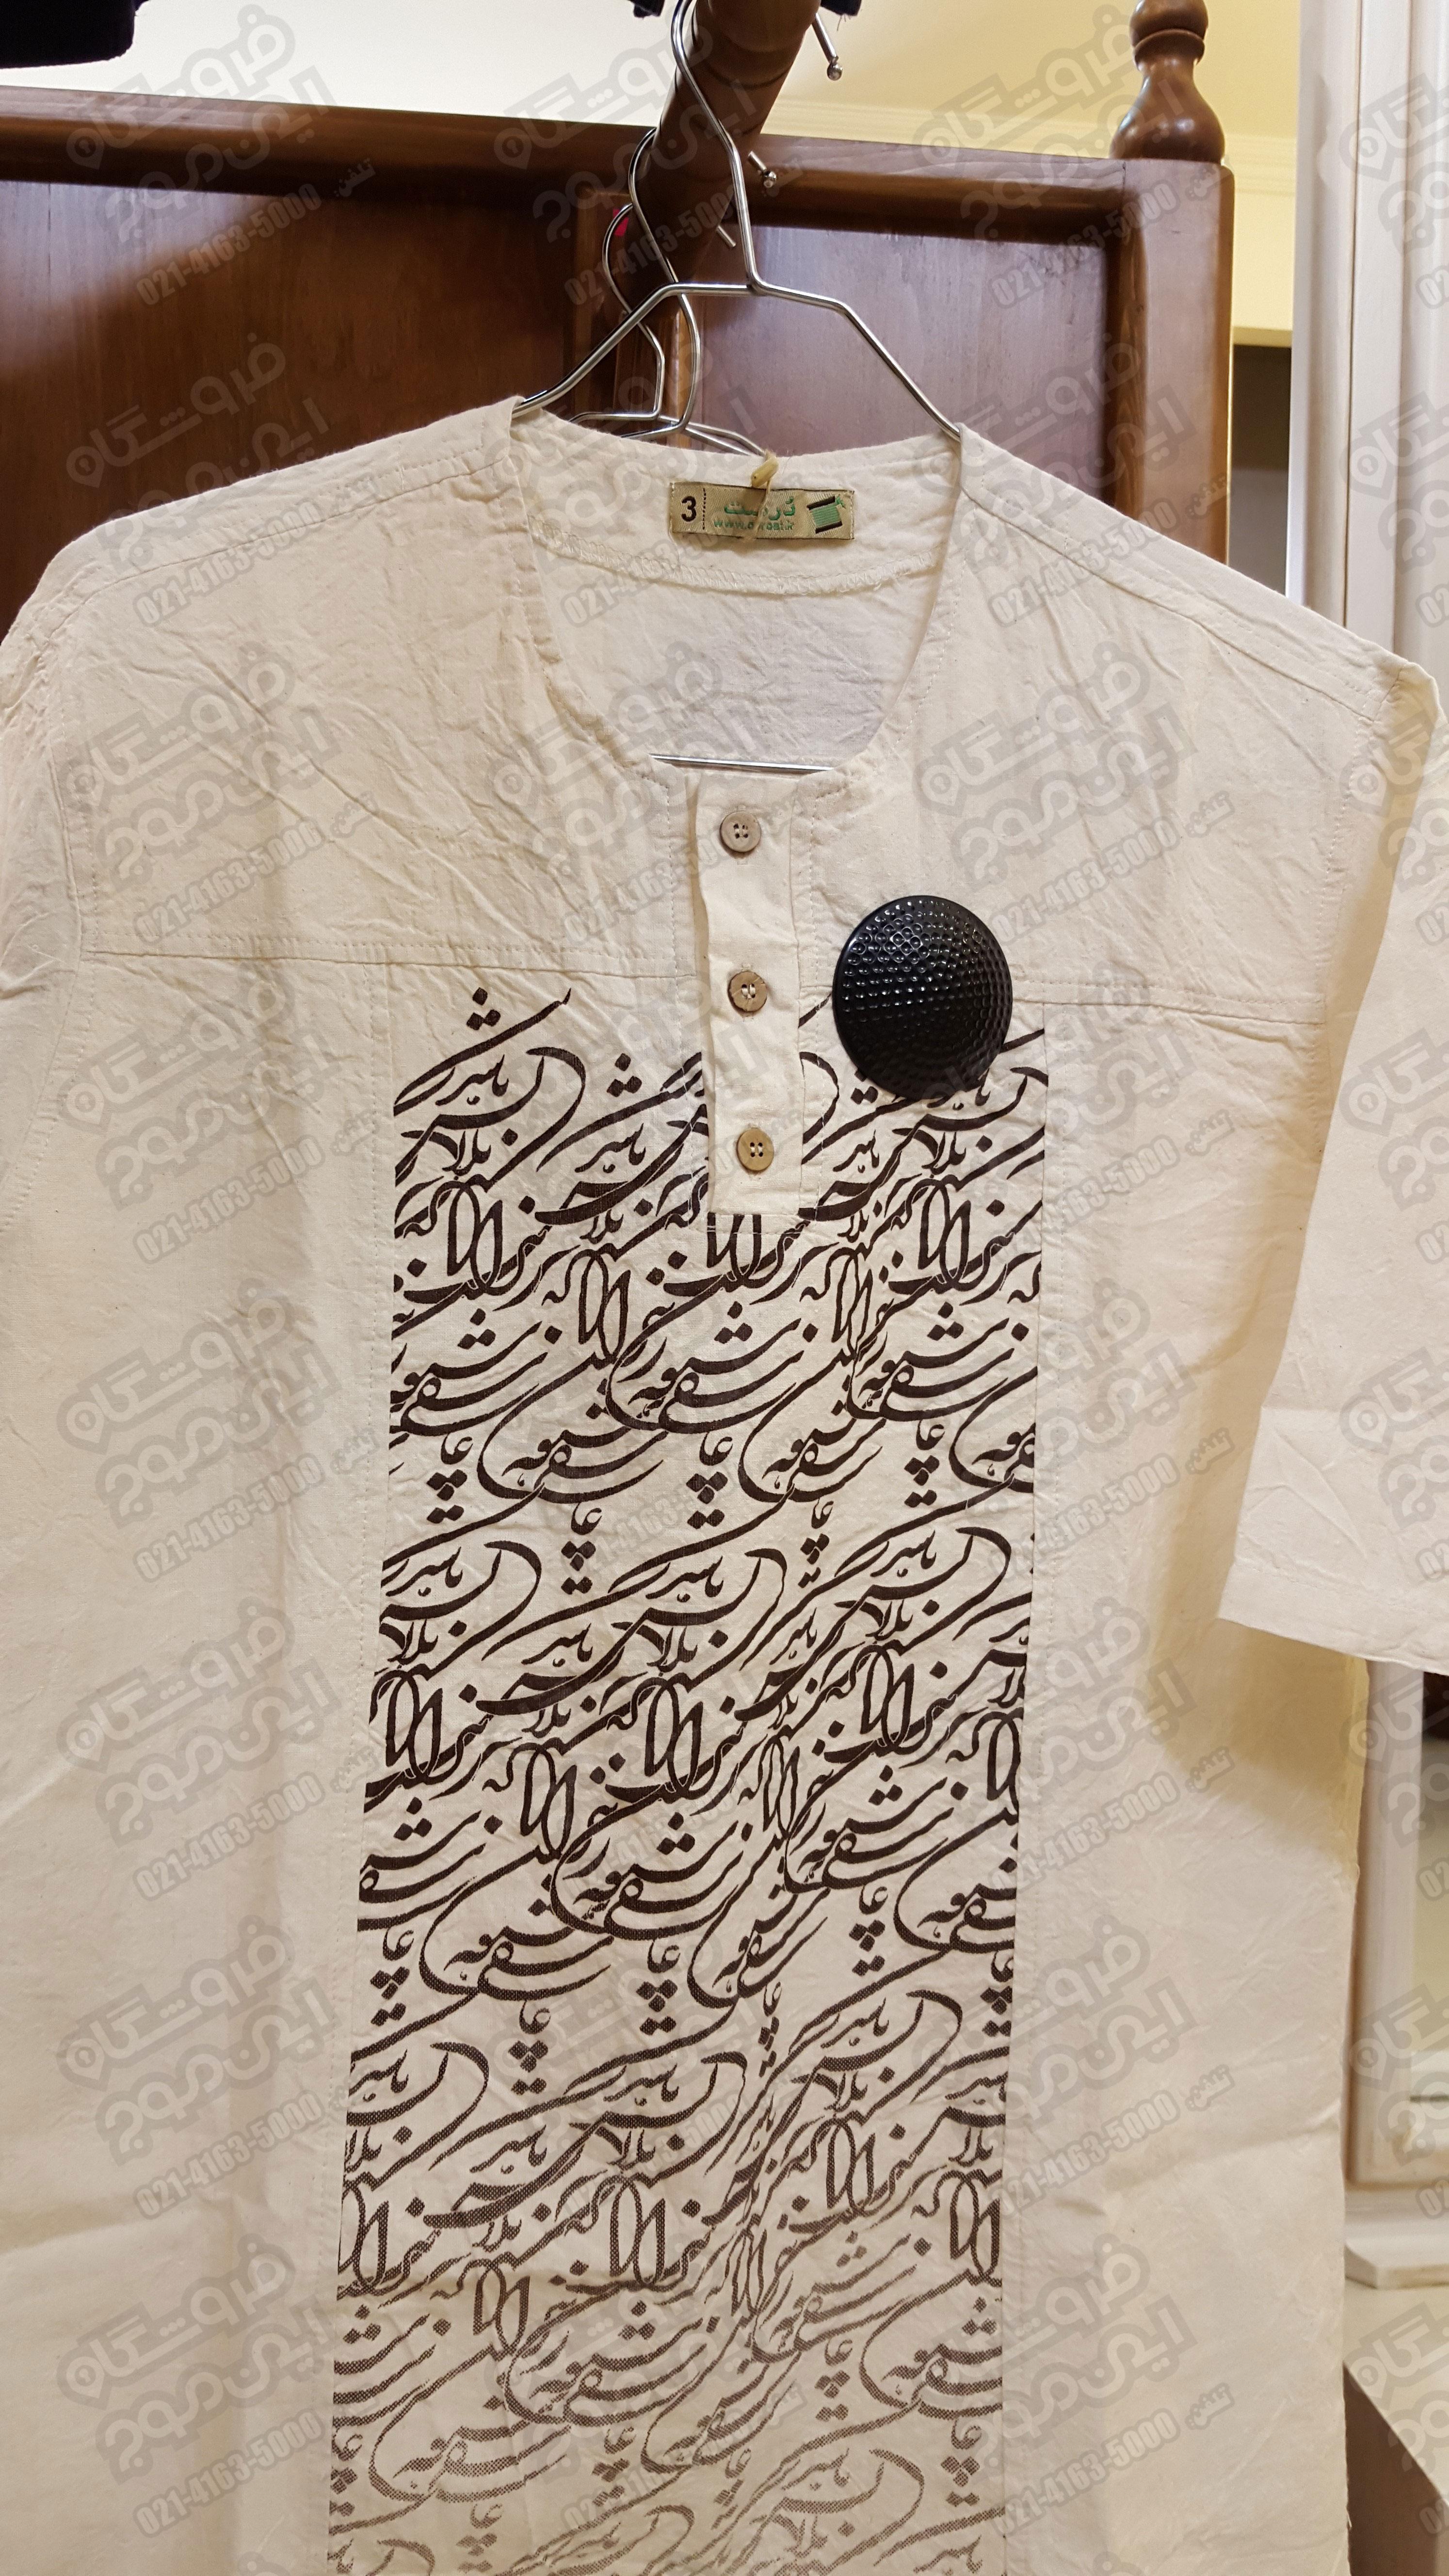 تگ-پوشاک-گلفی-نصب-شده-روی-لباس